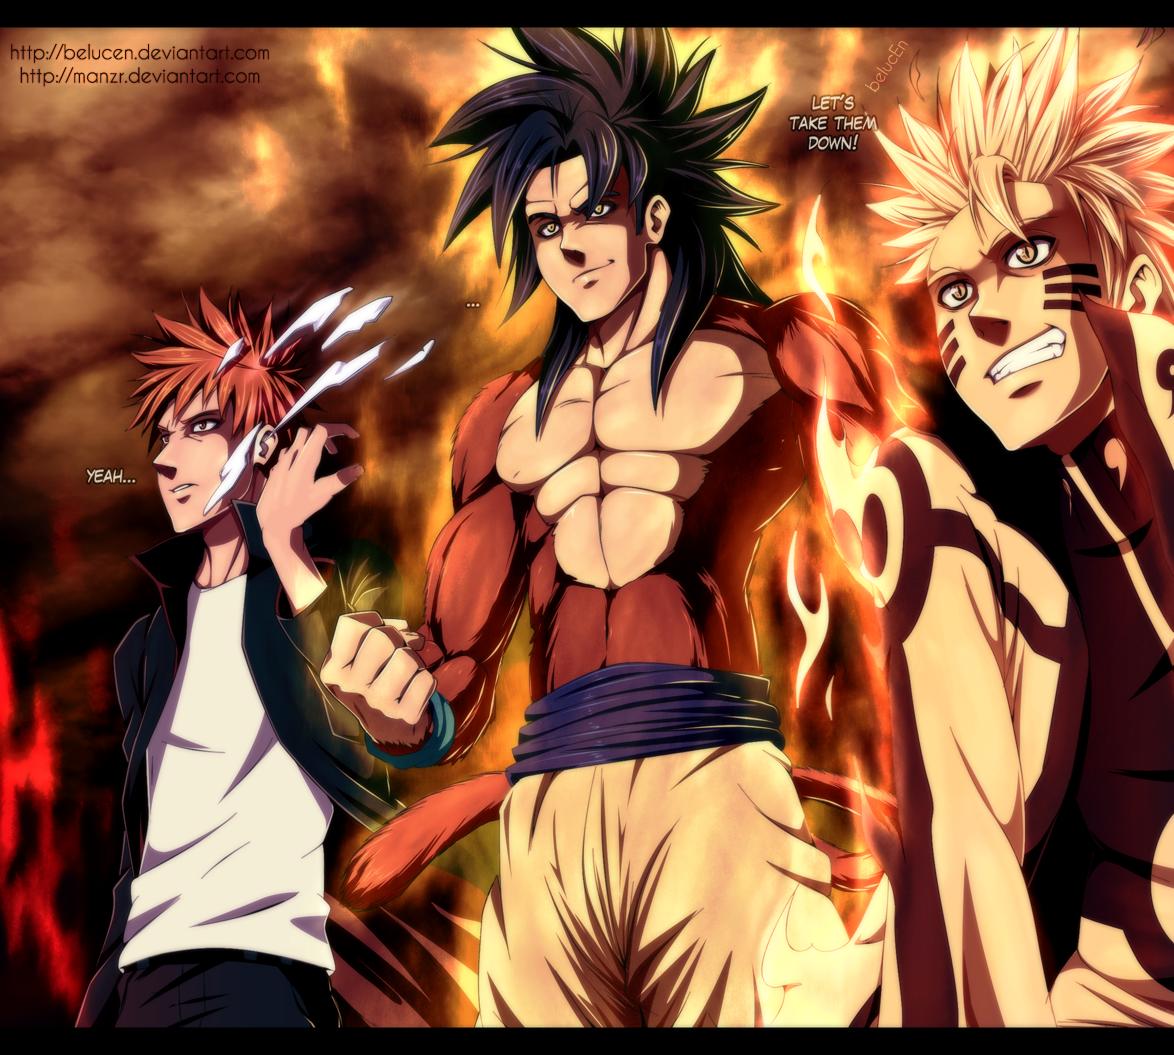 Ichigo (Bleach), Goku (DBZ), Naruto (Naruto) Anime